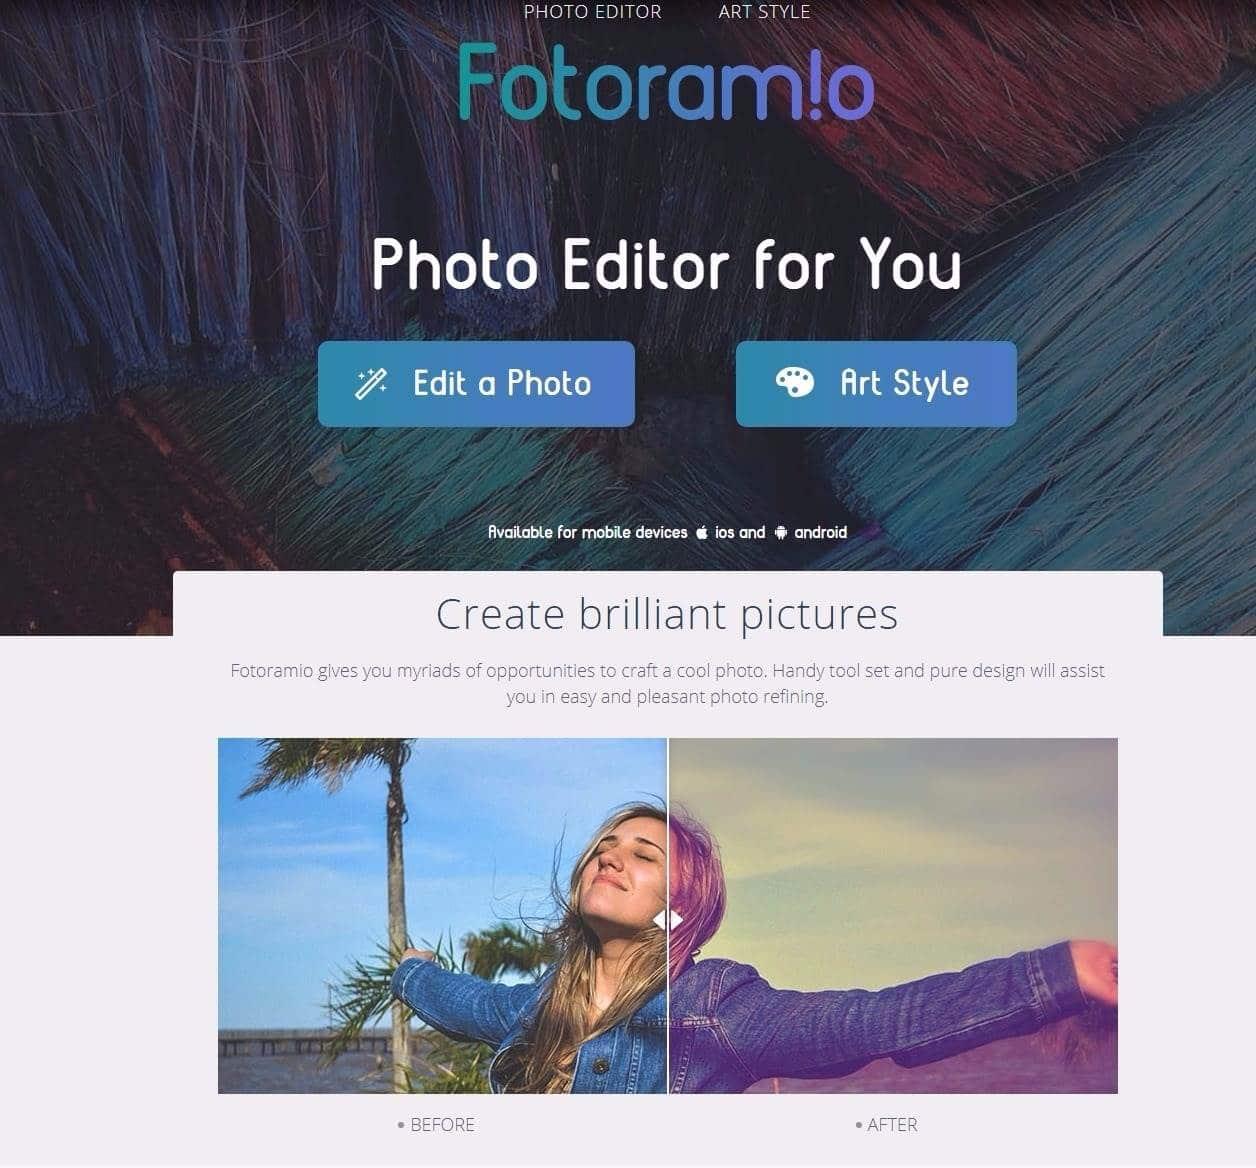 fotoramio